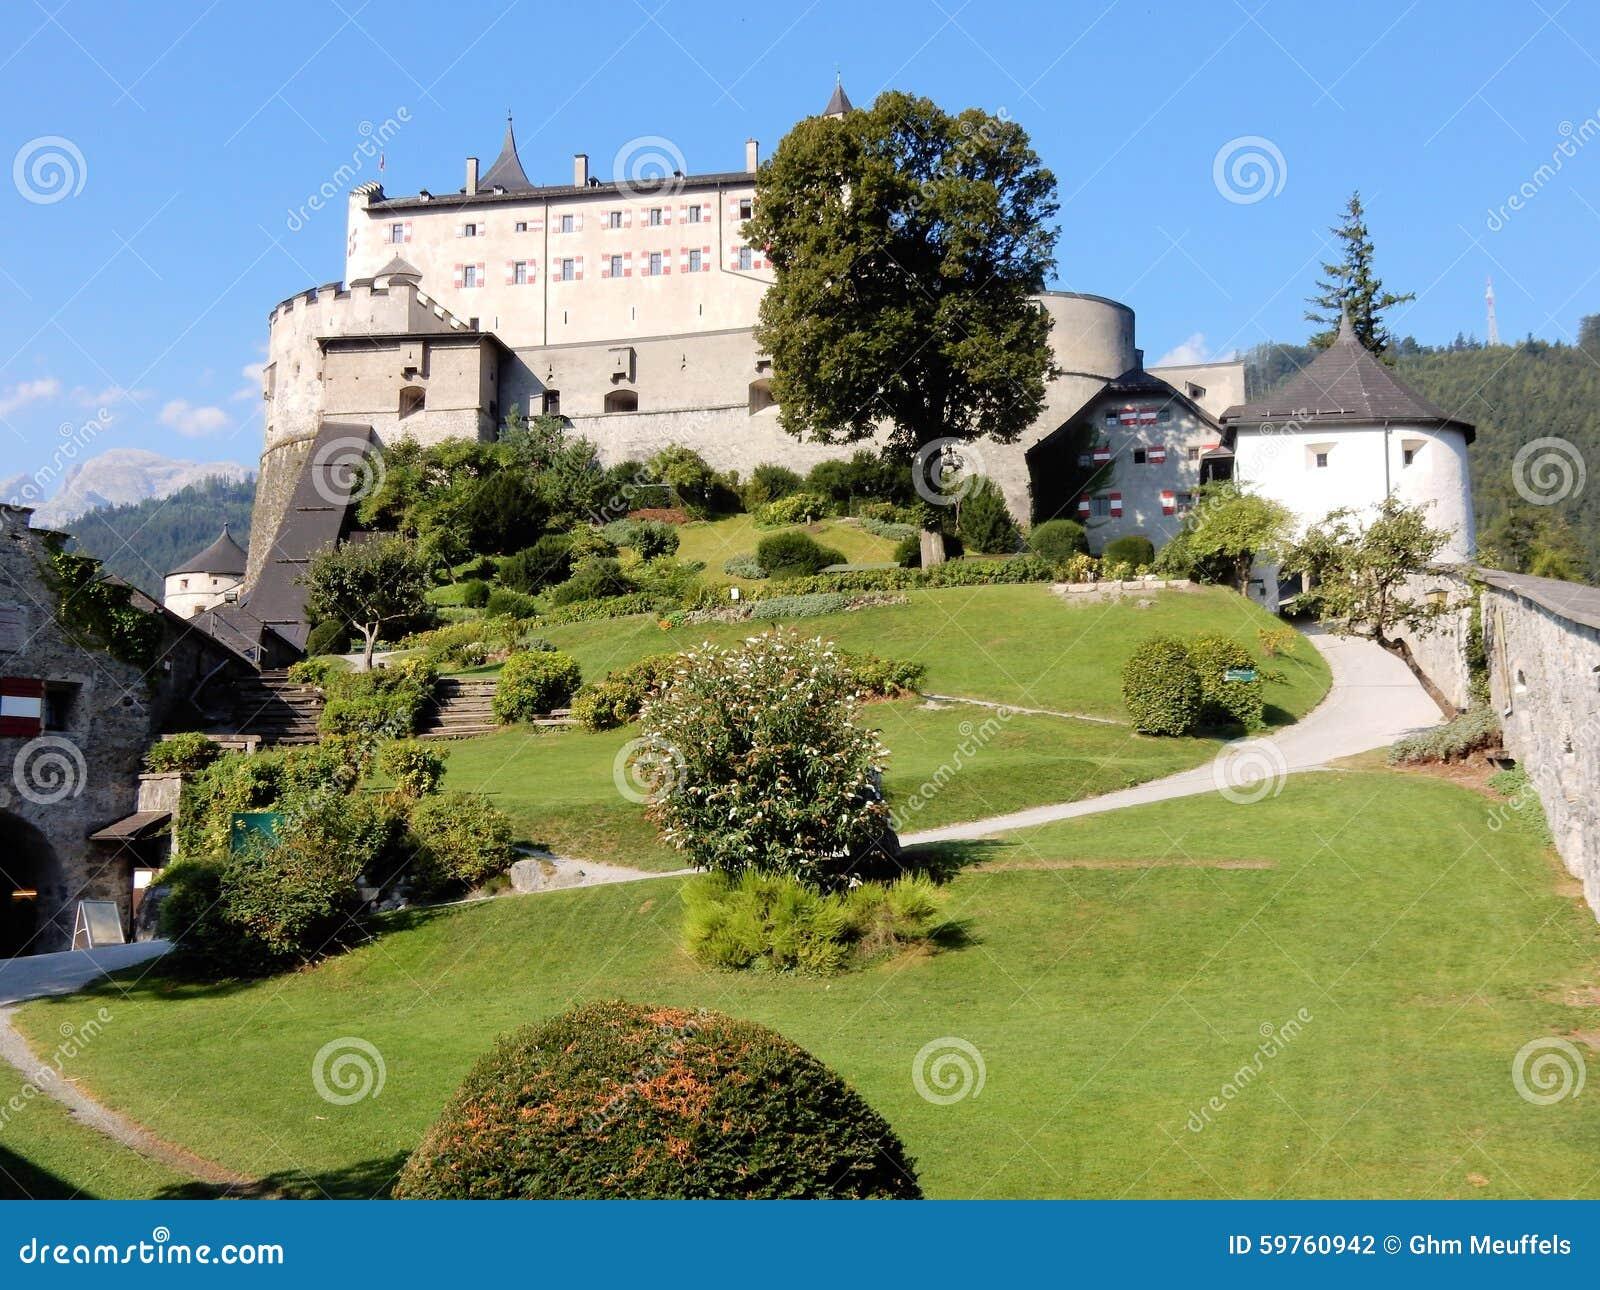 Burg Hohenwerfen - middeleeuws vestingwerk - Hohenwerfen-Kasteel - 11de eeuw - Oostenrijkse stad van de vallei van Werfen - Salza